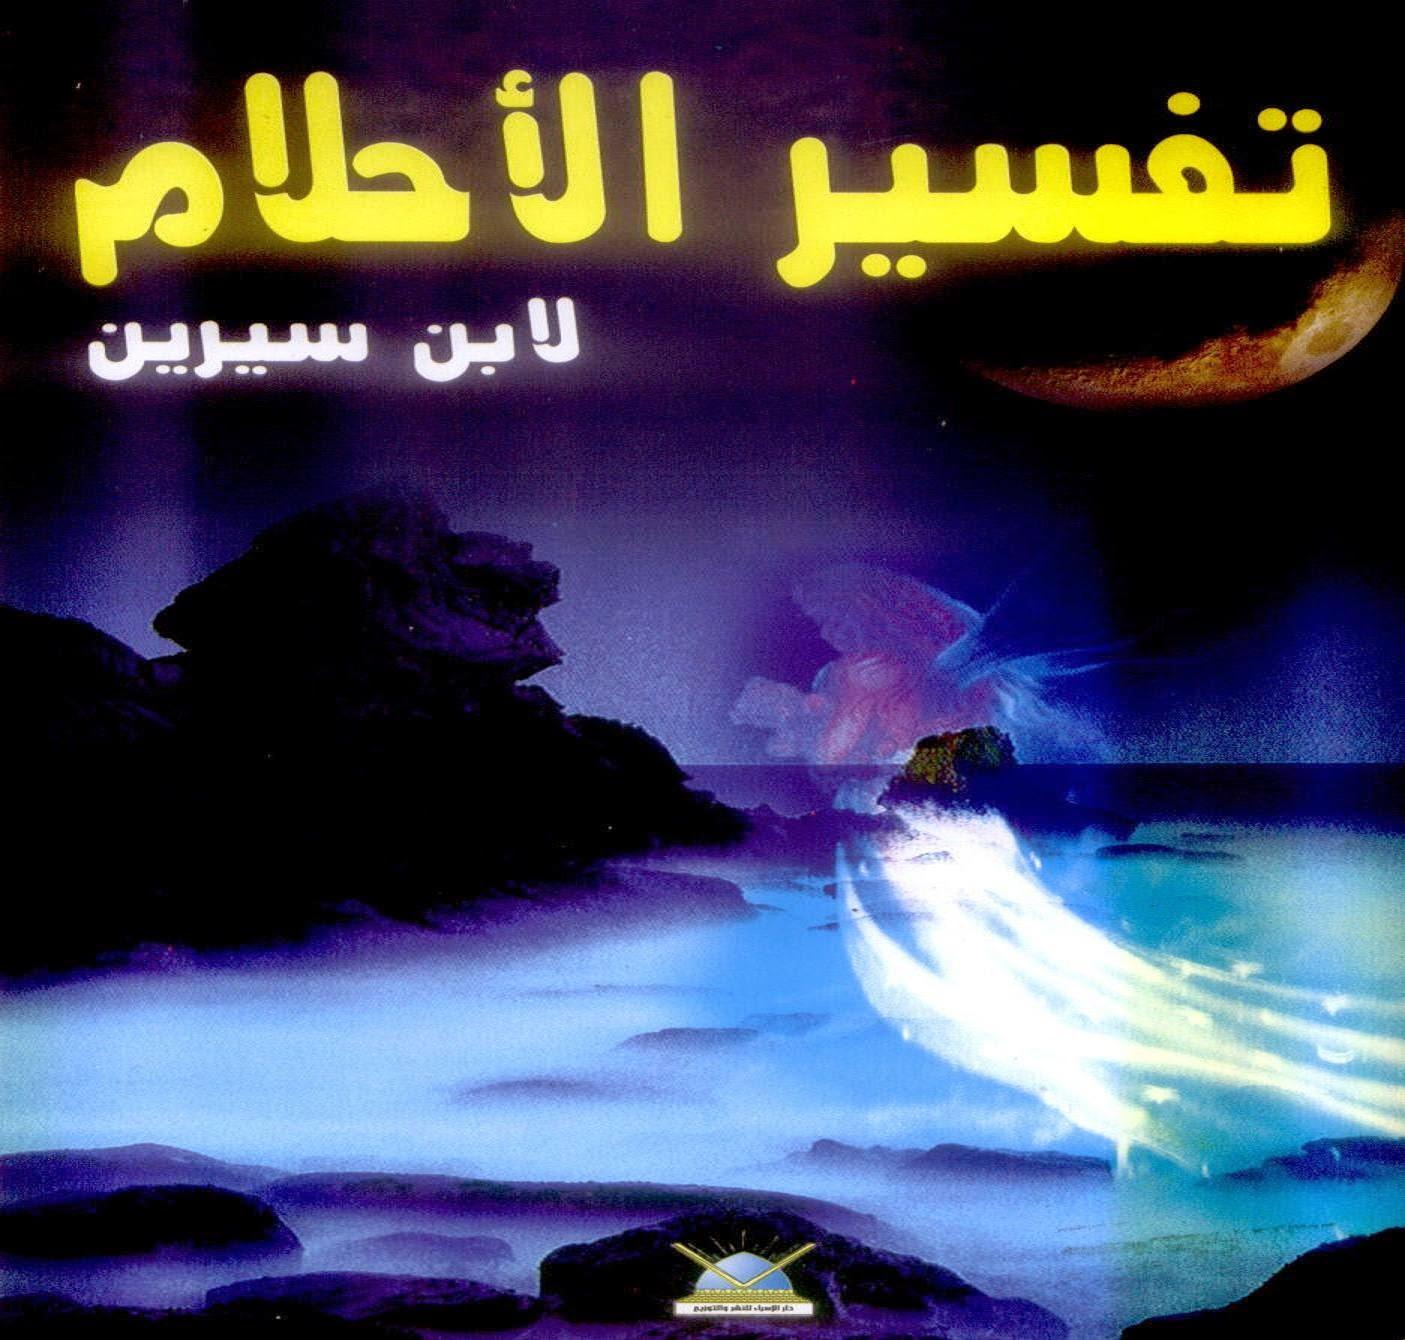 كتب التاريخ الاسلامى كتاب تفسير الأحلام لأبن سيرين جزء2